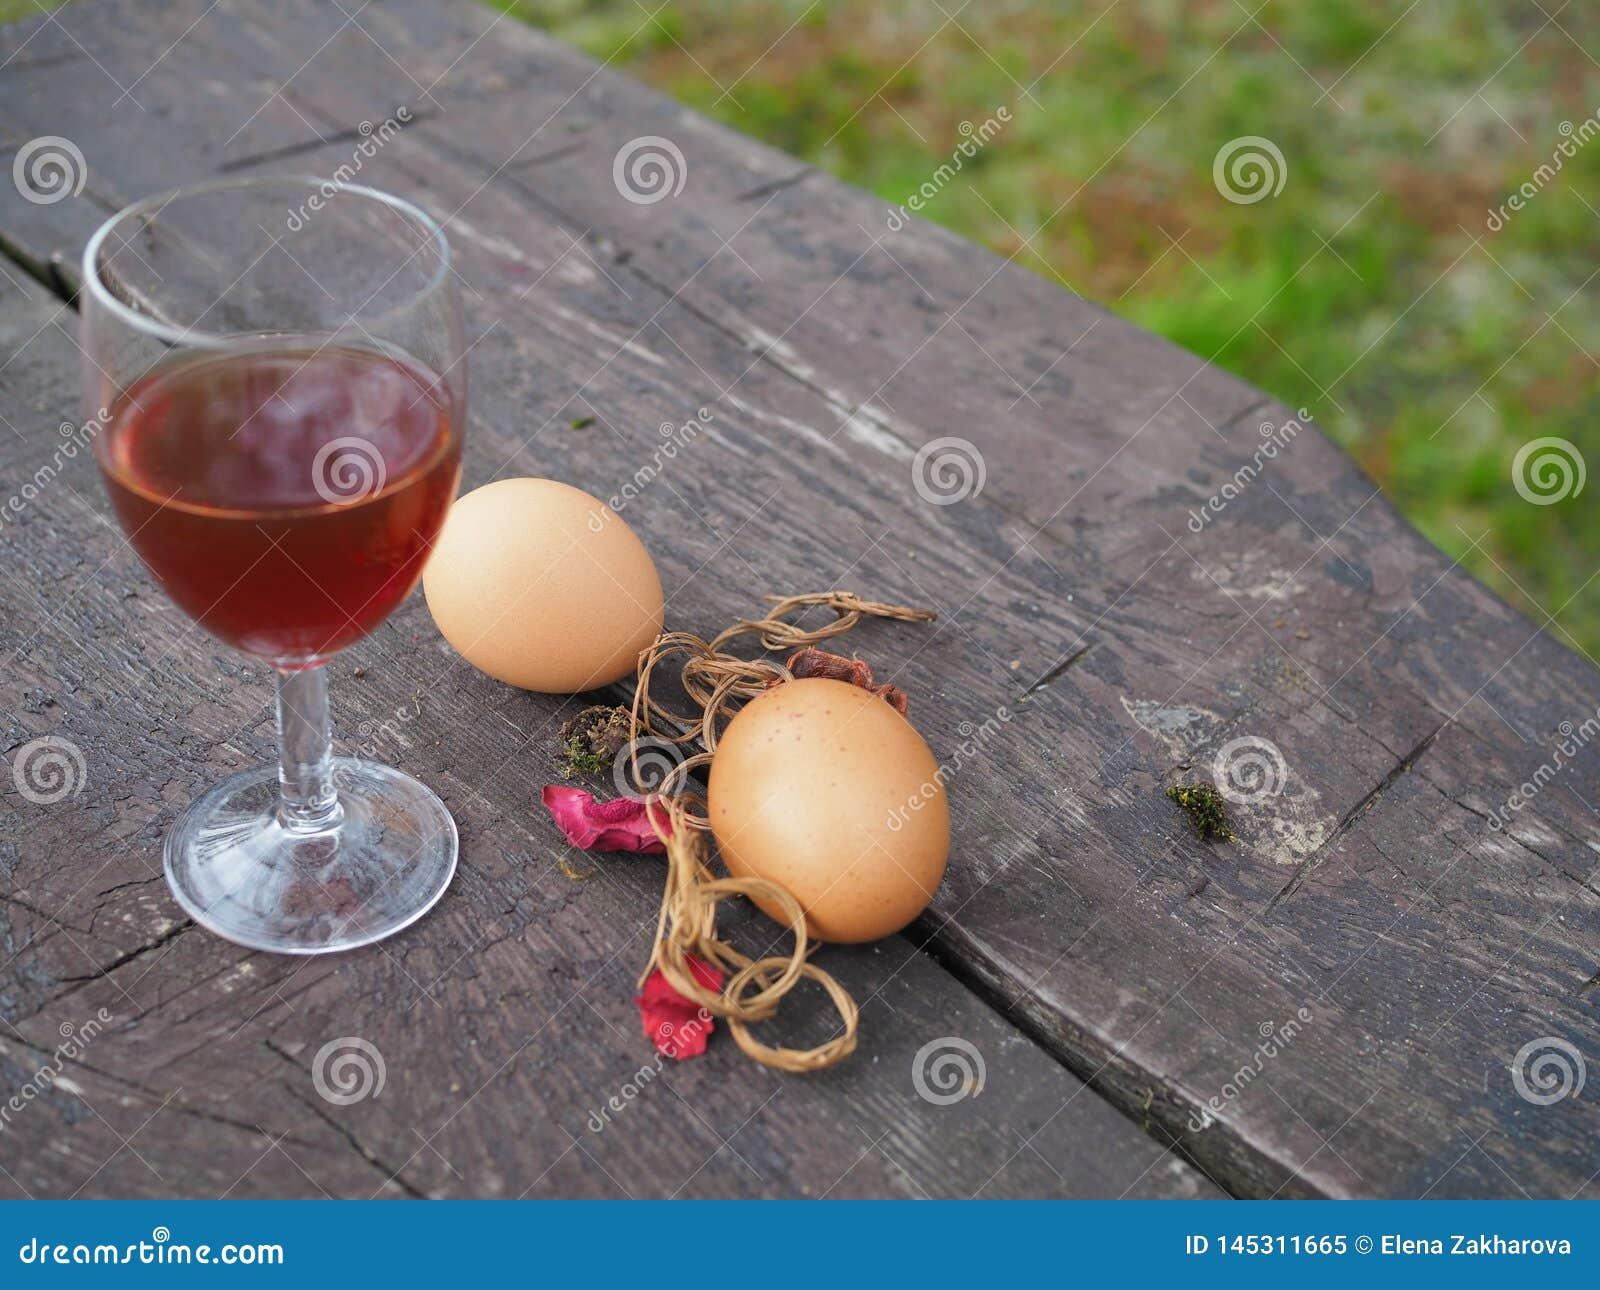 复活节彩蛋和杯在桌上的红酒